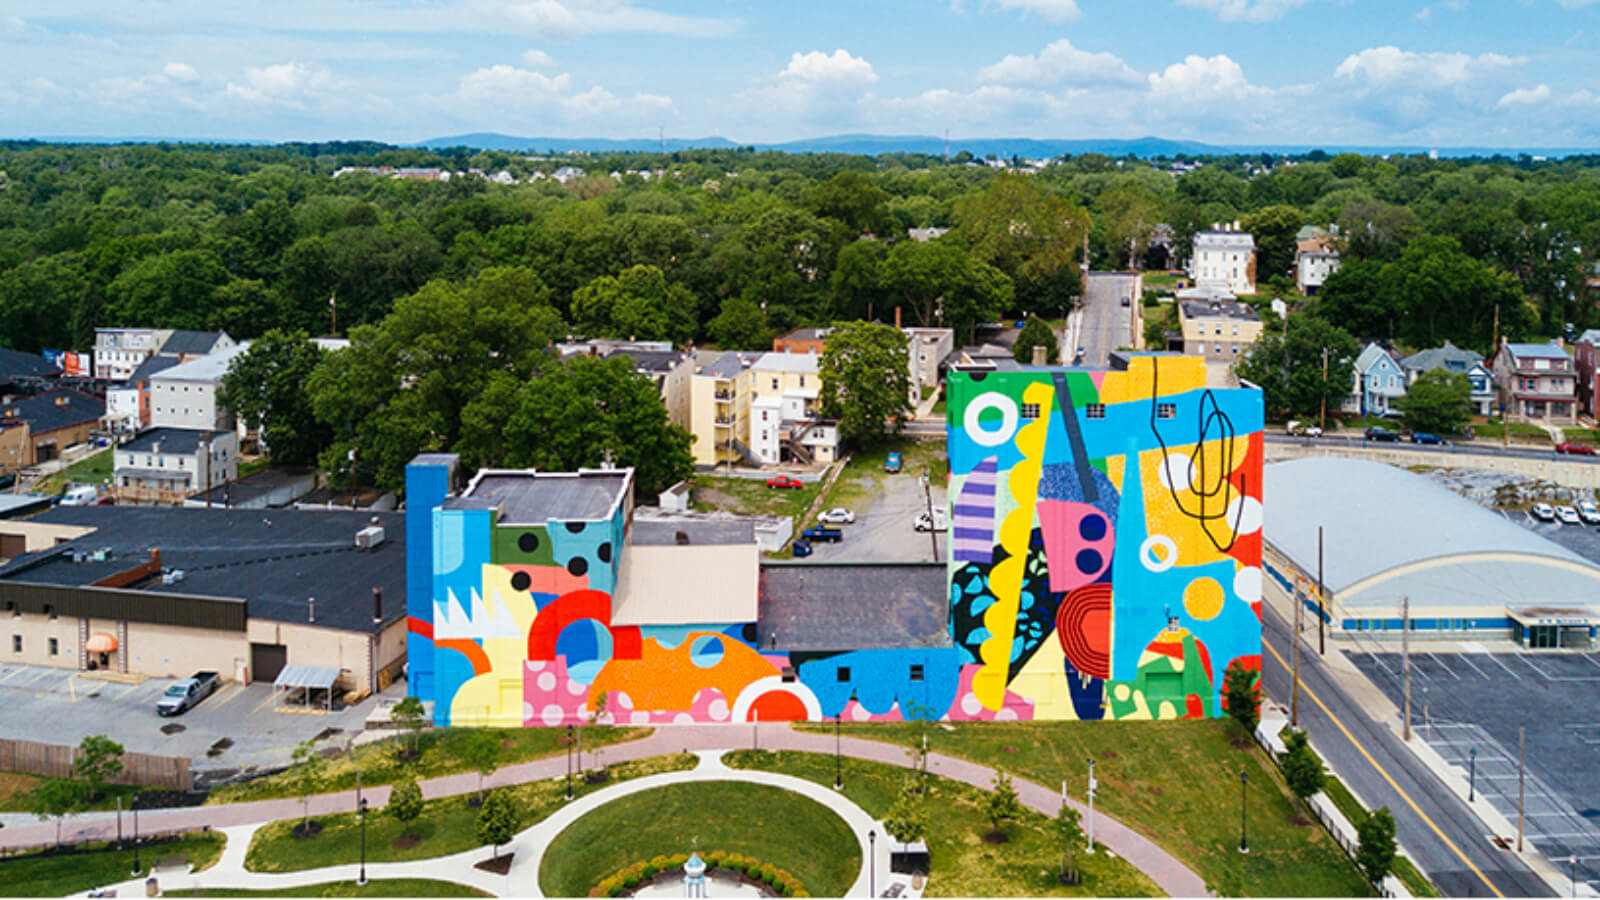 Proyecto cultural en Hagerstown: mejorar el entorno urbano a través del arte